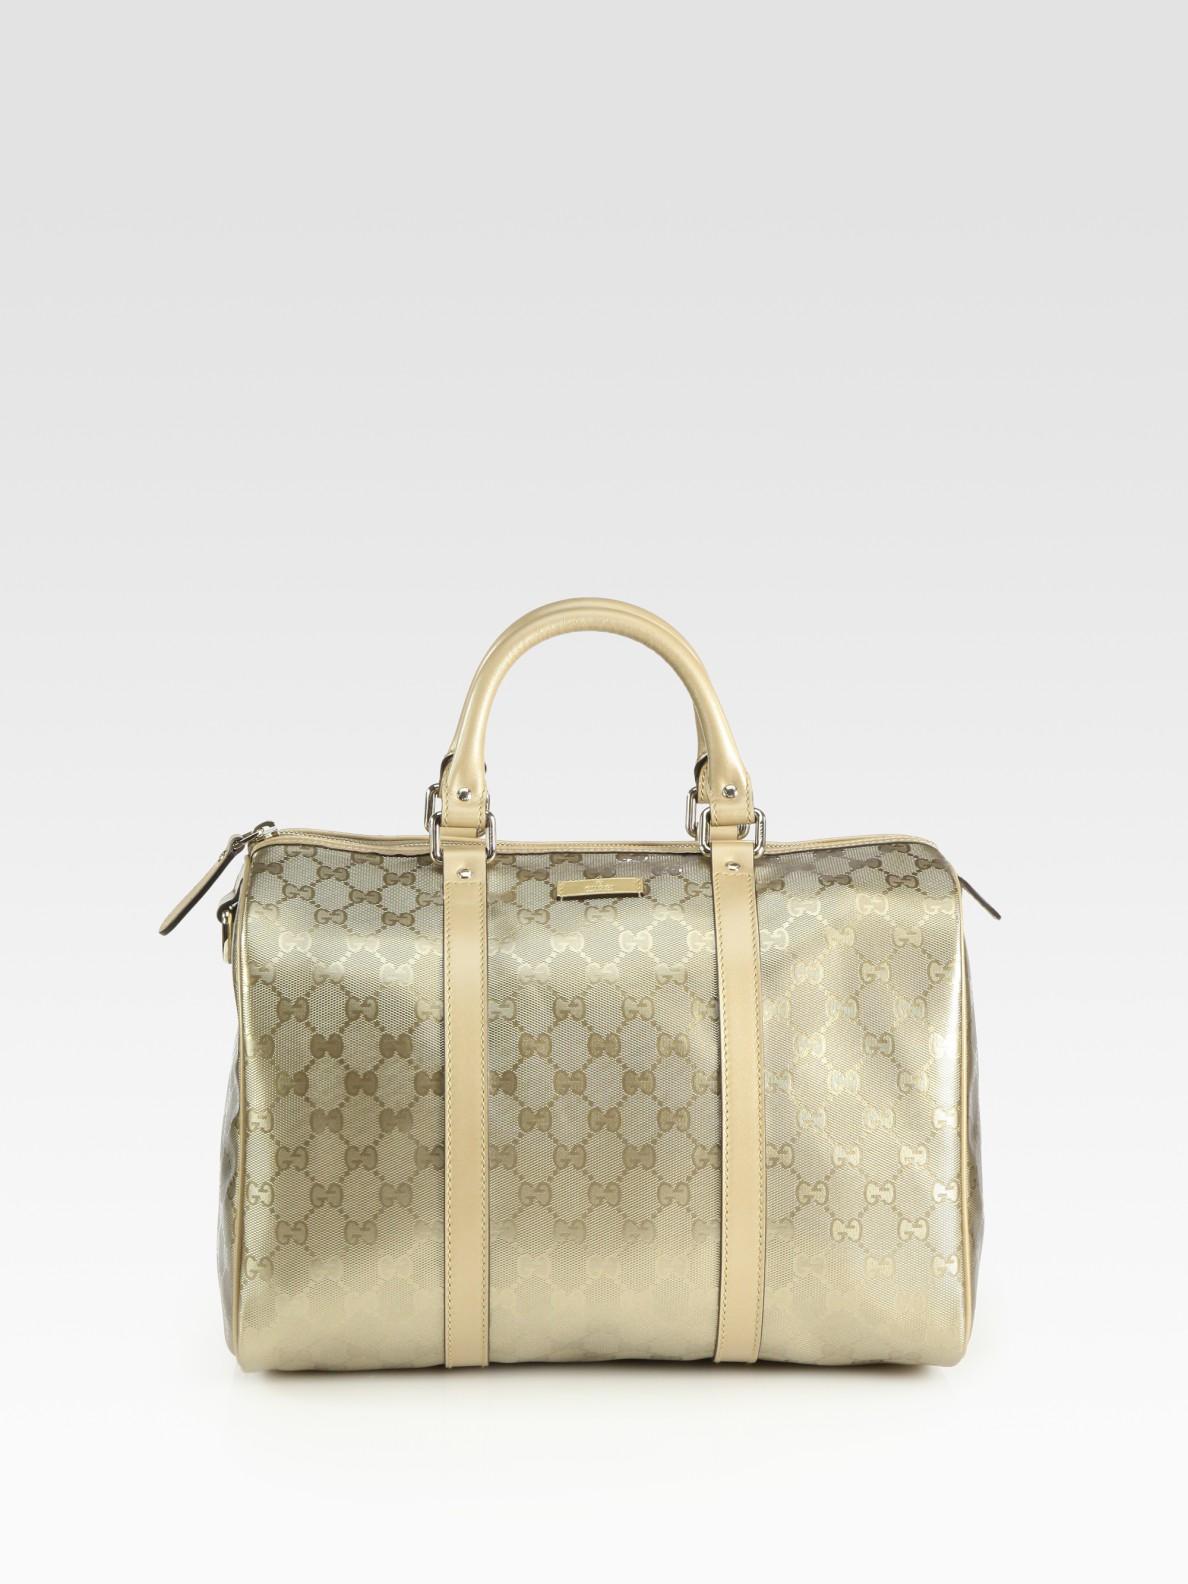 5c7aa22145bc7 Lyst - Gucci Joy Boston Jacquard Top Handle Bag in Metallic